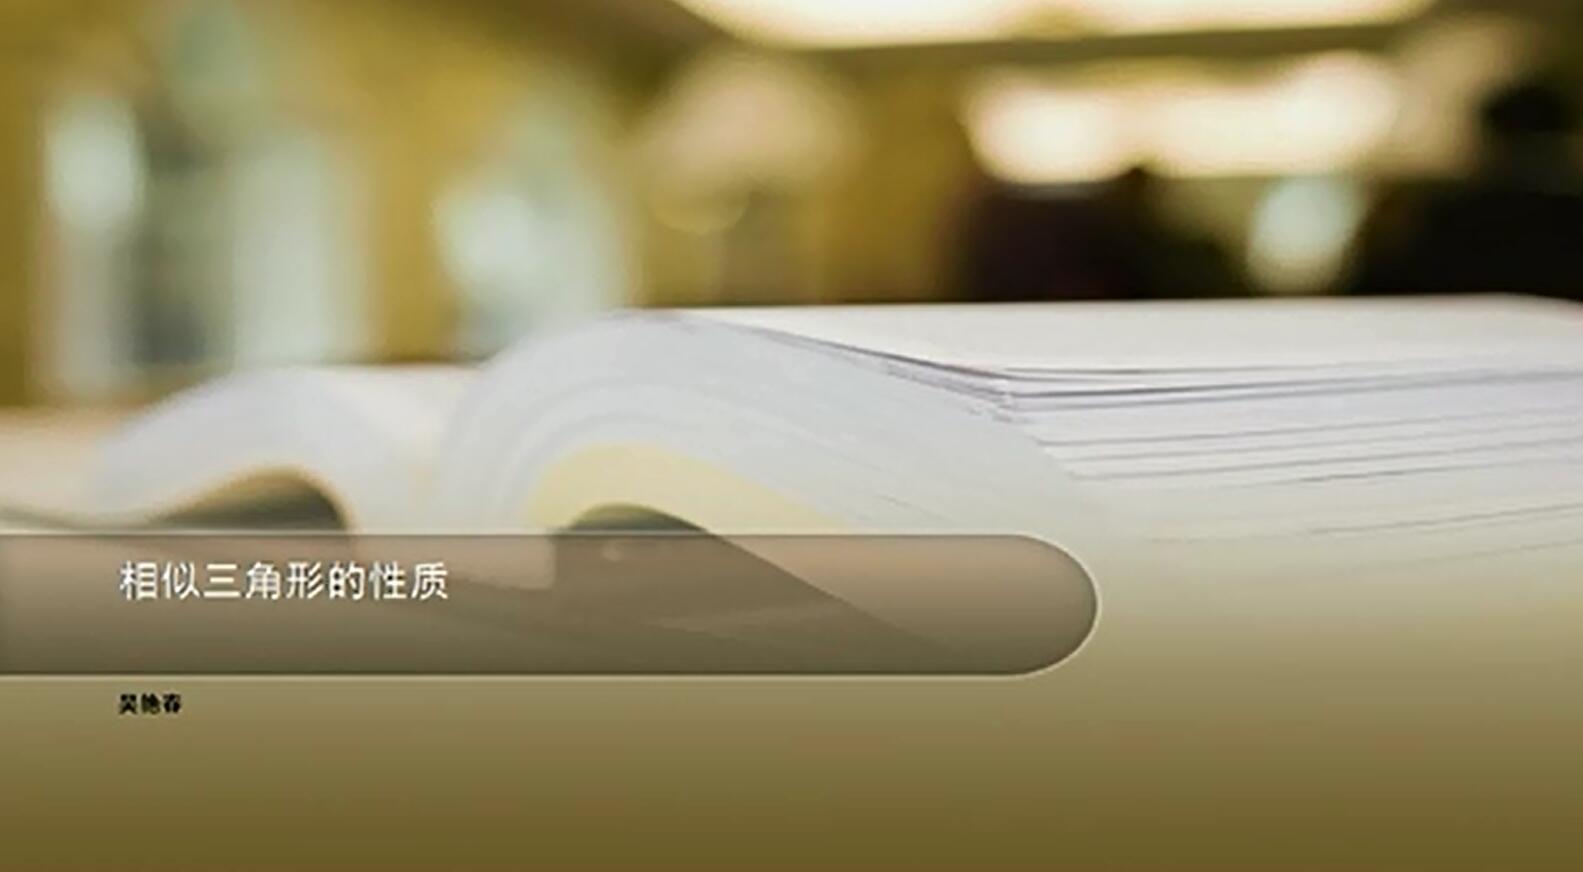 人教版数学九年级下册27.2.2相似三角形的性质[吴老师]【市一等奖】优质课 (1份打包)